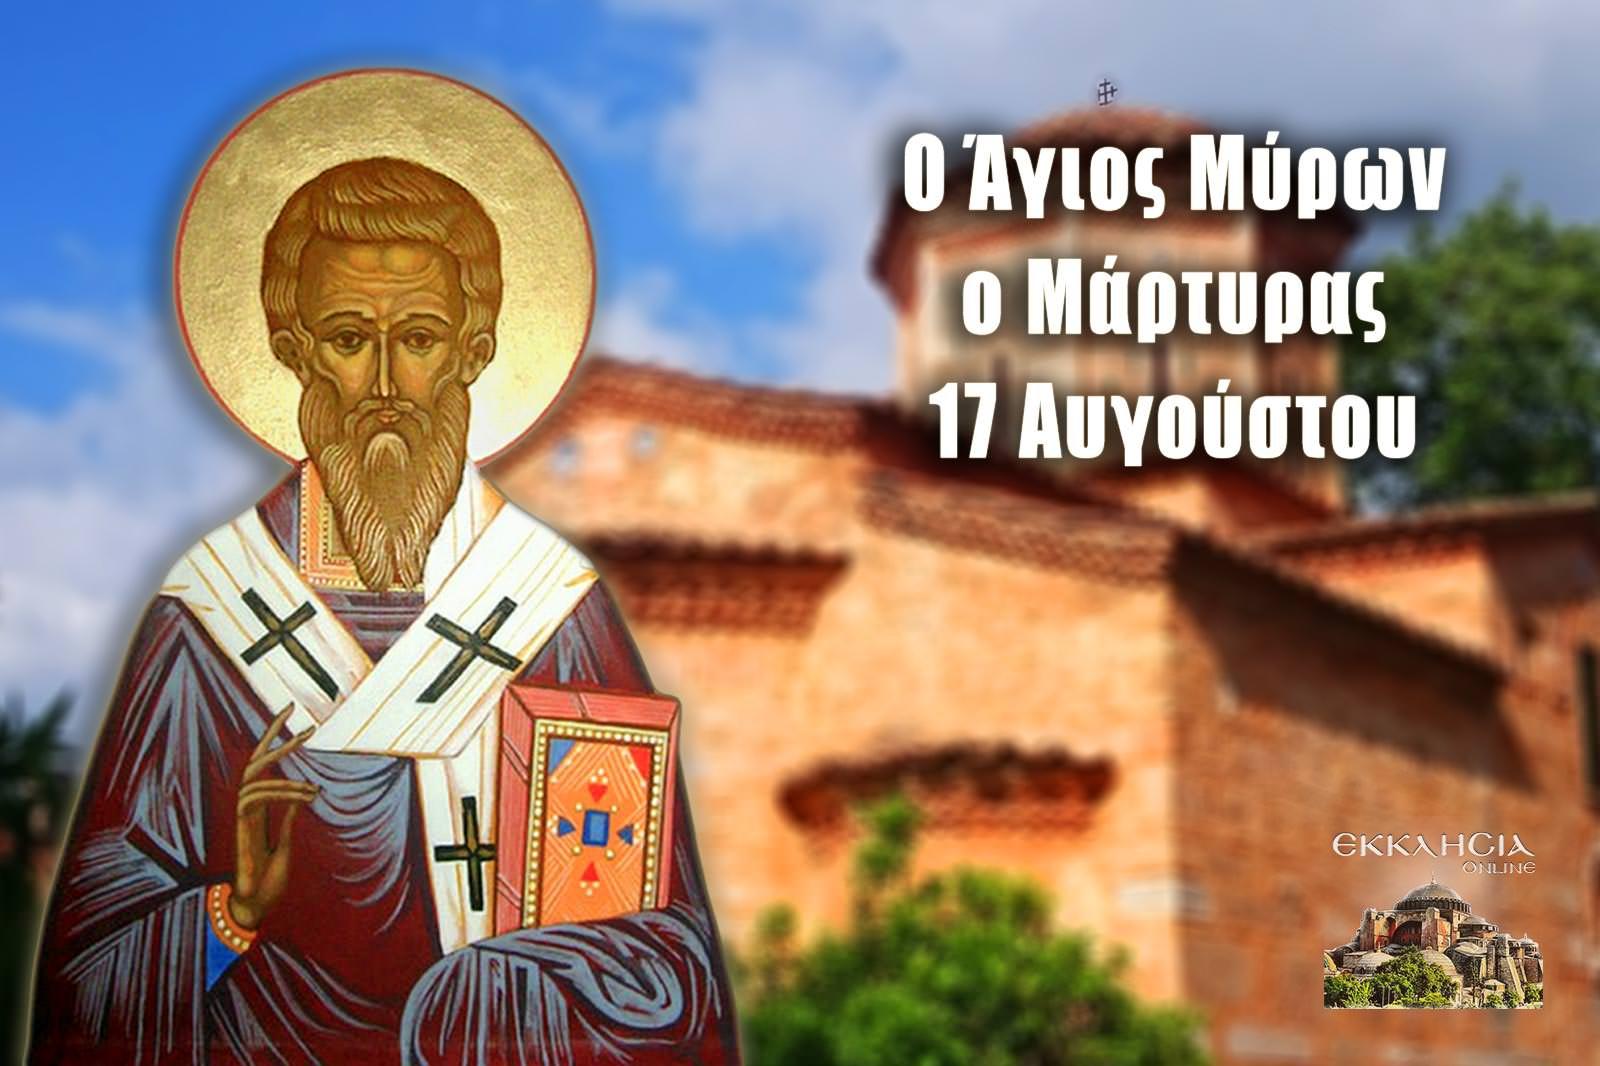 Άγιος Μύρων Μάρτυρας 17 Αυγούστου